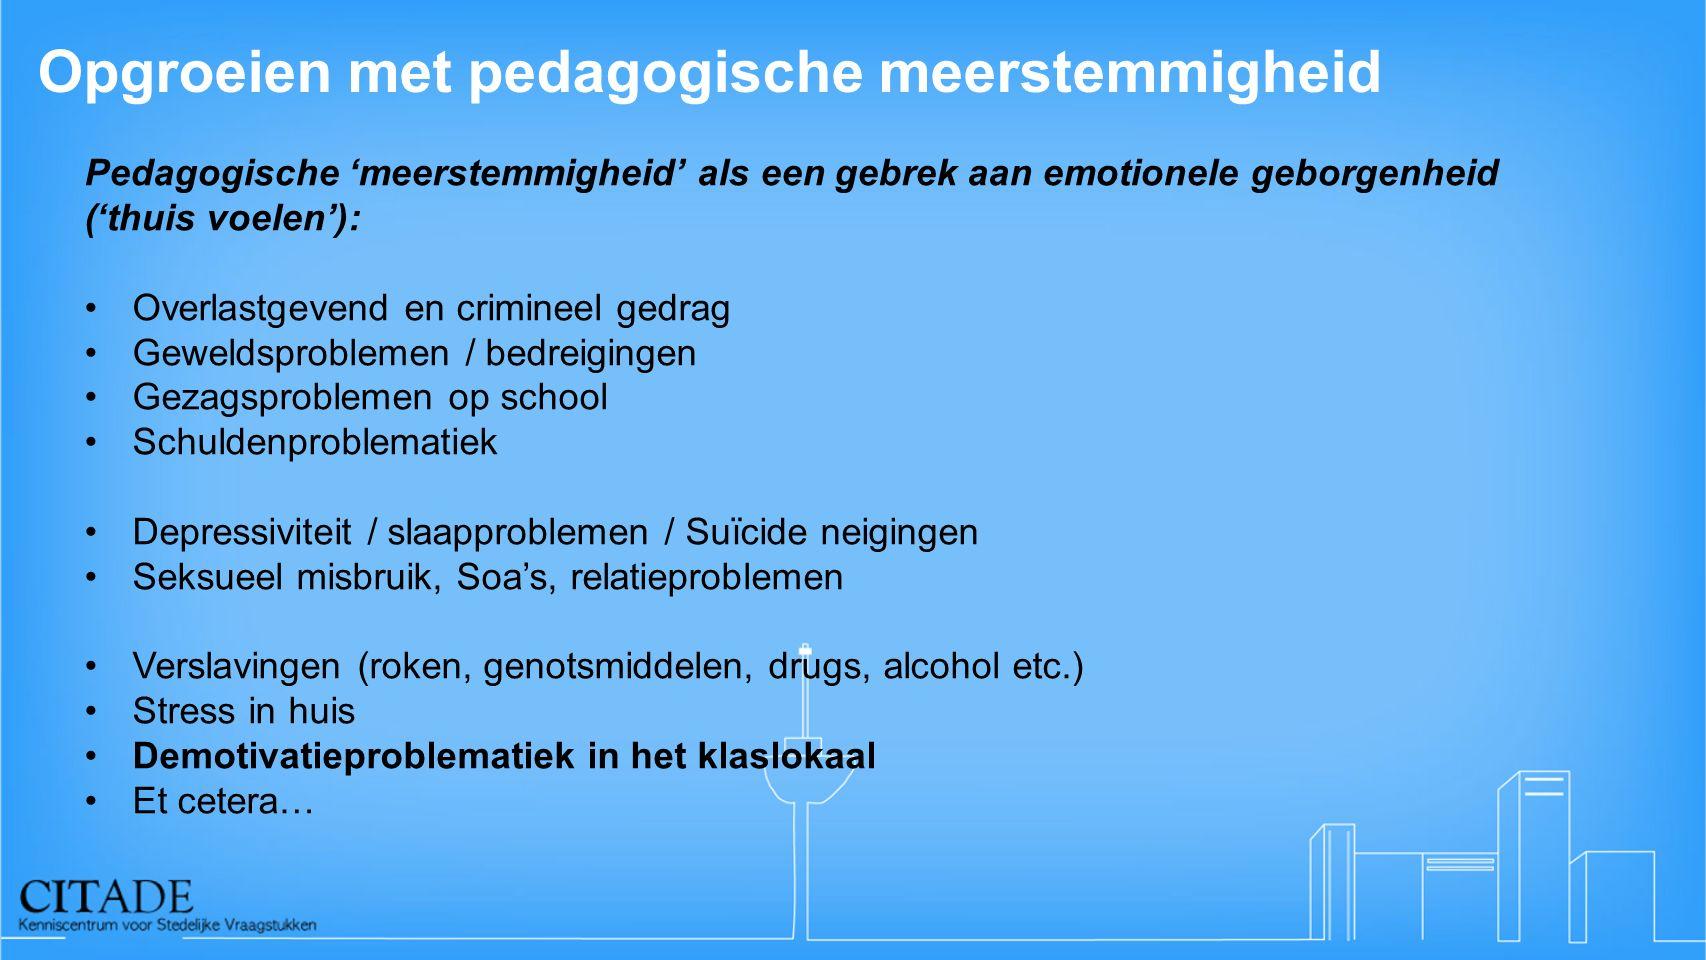 Opgroeien met pedagogische meerstemmigheid Pedagogische 'meerstemmigheid' als een gebrek aan emotionele geborgenheid ('thuis voelen'): Overlastgevend en crimineel gedrag Geweldsproblemen / bedreigingen Gezagsproblemen op school Schuldenproblematiek Depressiviteit / slaapproblemen / Suïcide neigingen Seksueel misbruik, Soa's, relatieproblemen Verslavingen (roken, genotsmiddelen, drugs, alcohol etc.) Stress in huis Demotivatieproblematiek in het klaslokaal Et cetera…